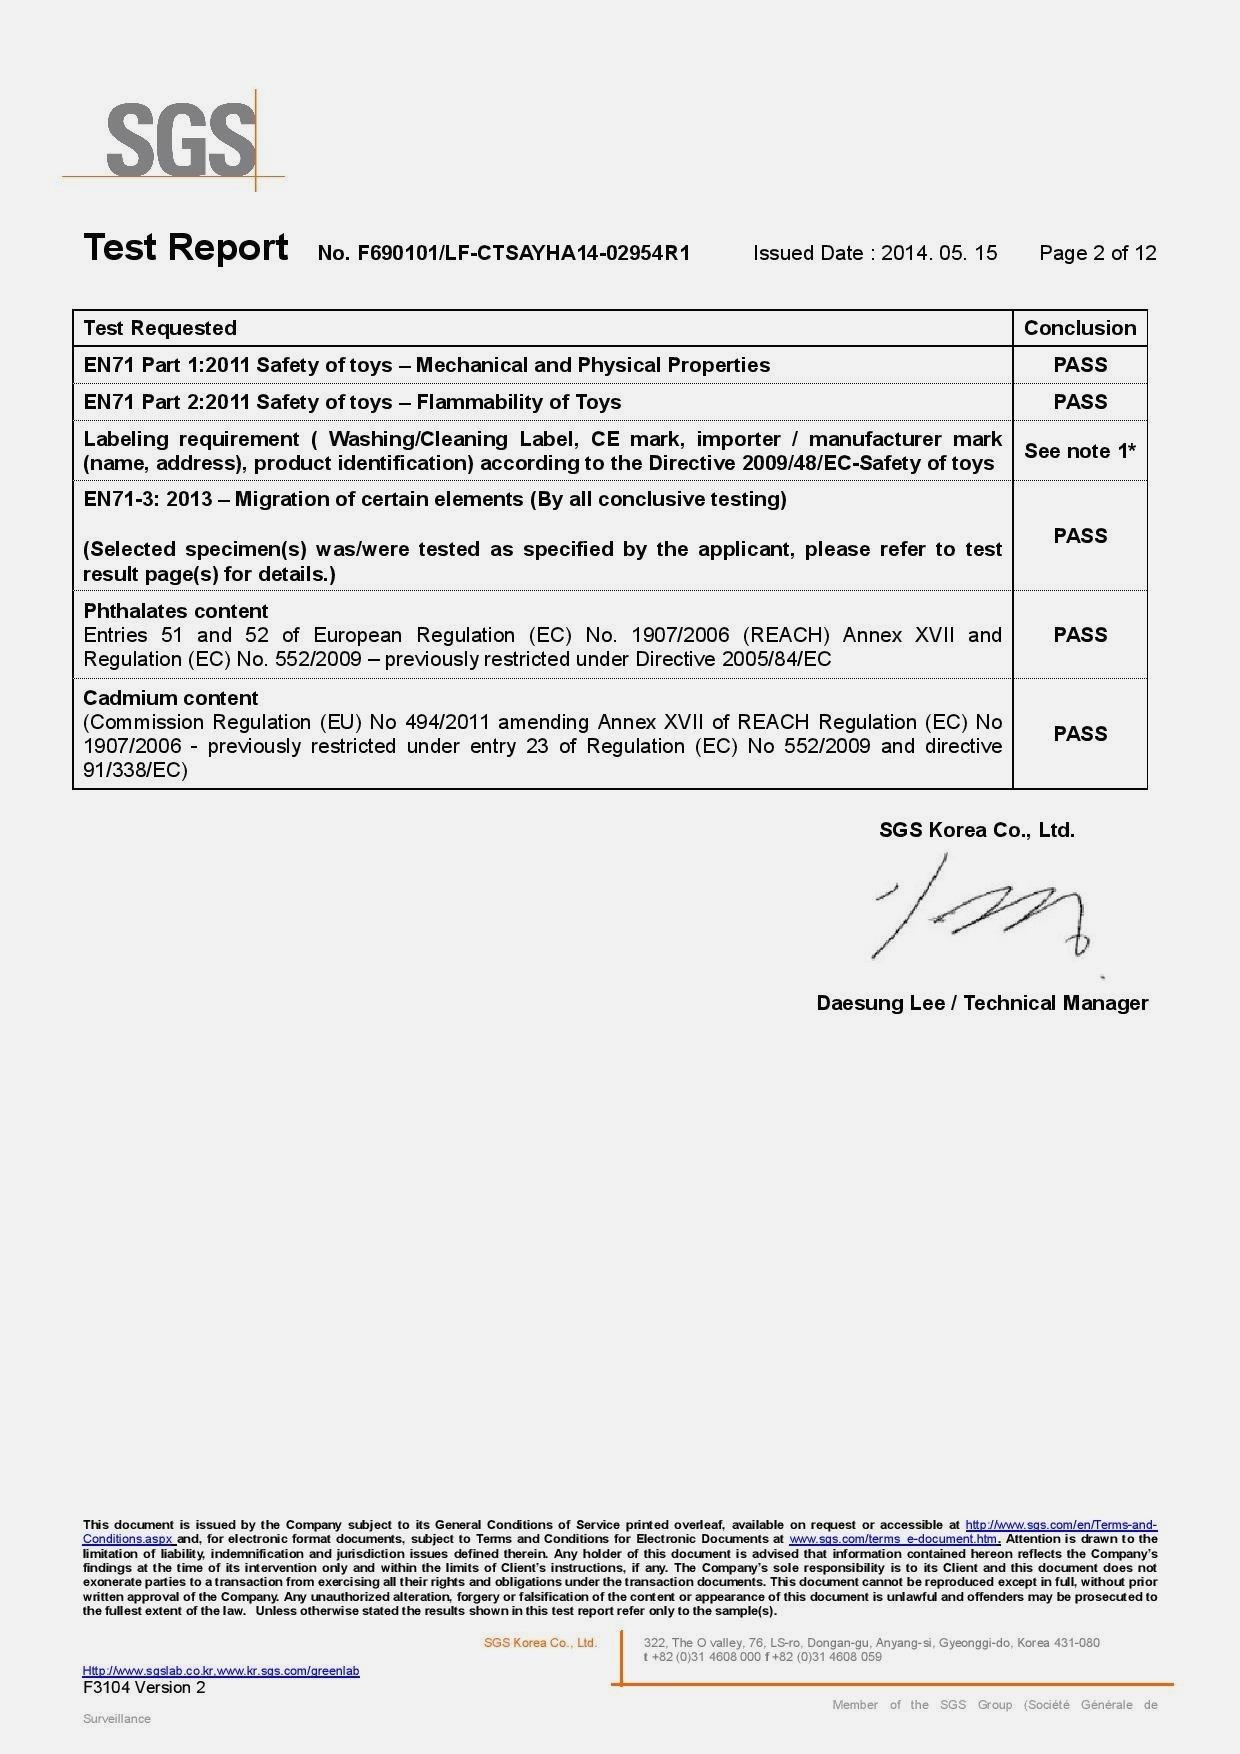 AYN14-065302_AYHA14-02954R1_ JUMPINGCLAY CO., LTD EU Clay-page-002